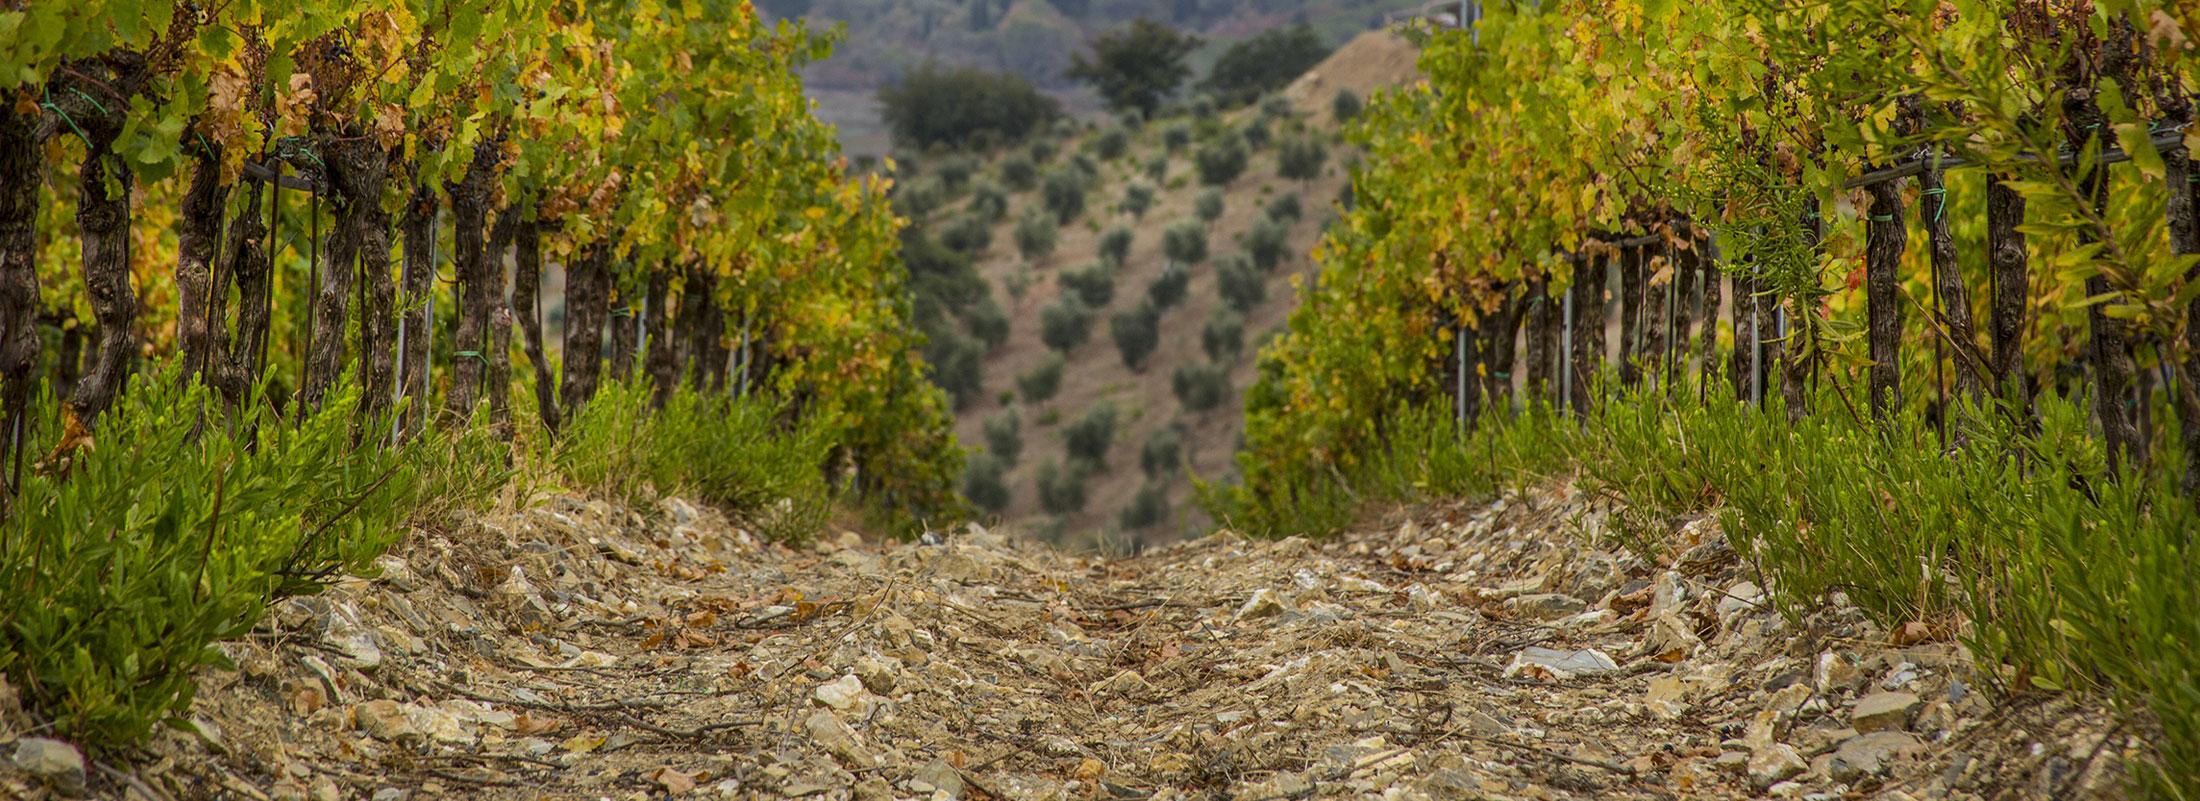 vigne-della-toscana-fattoria-di-magliano